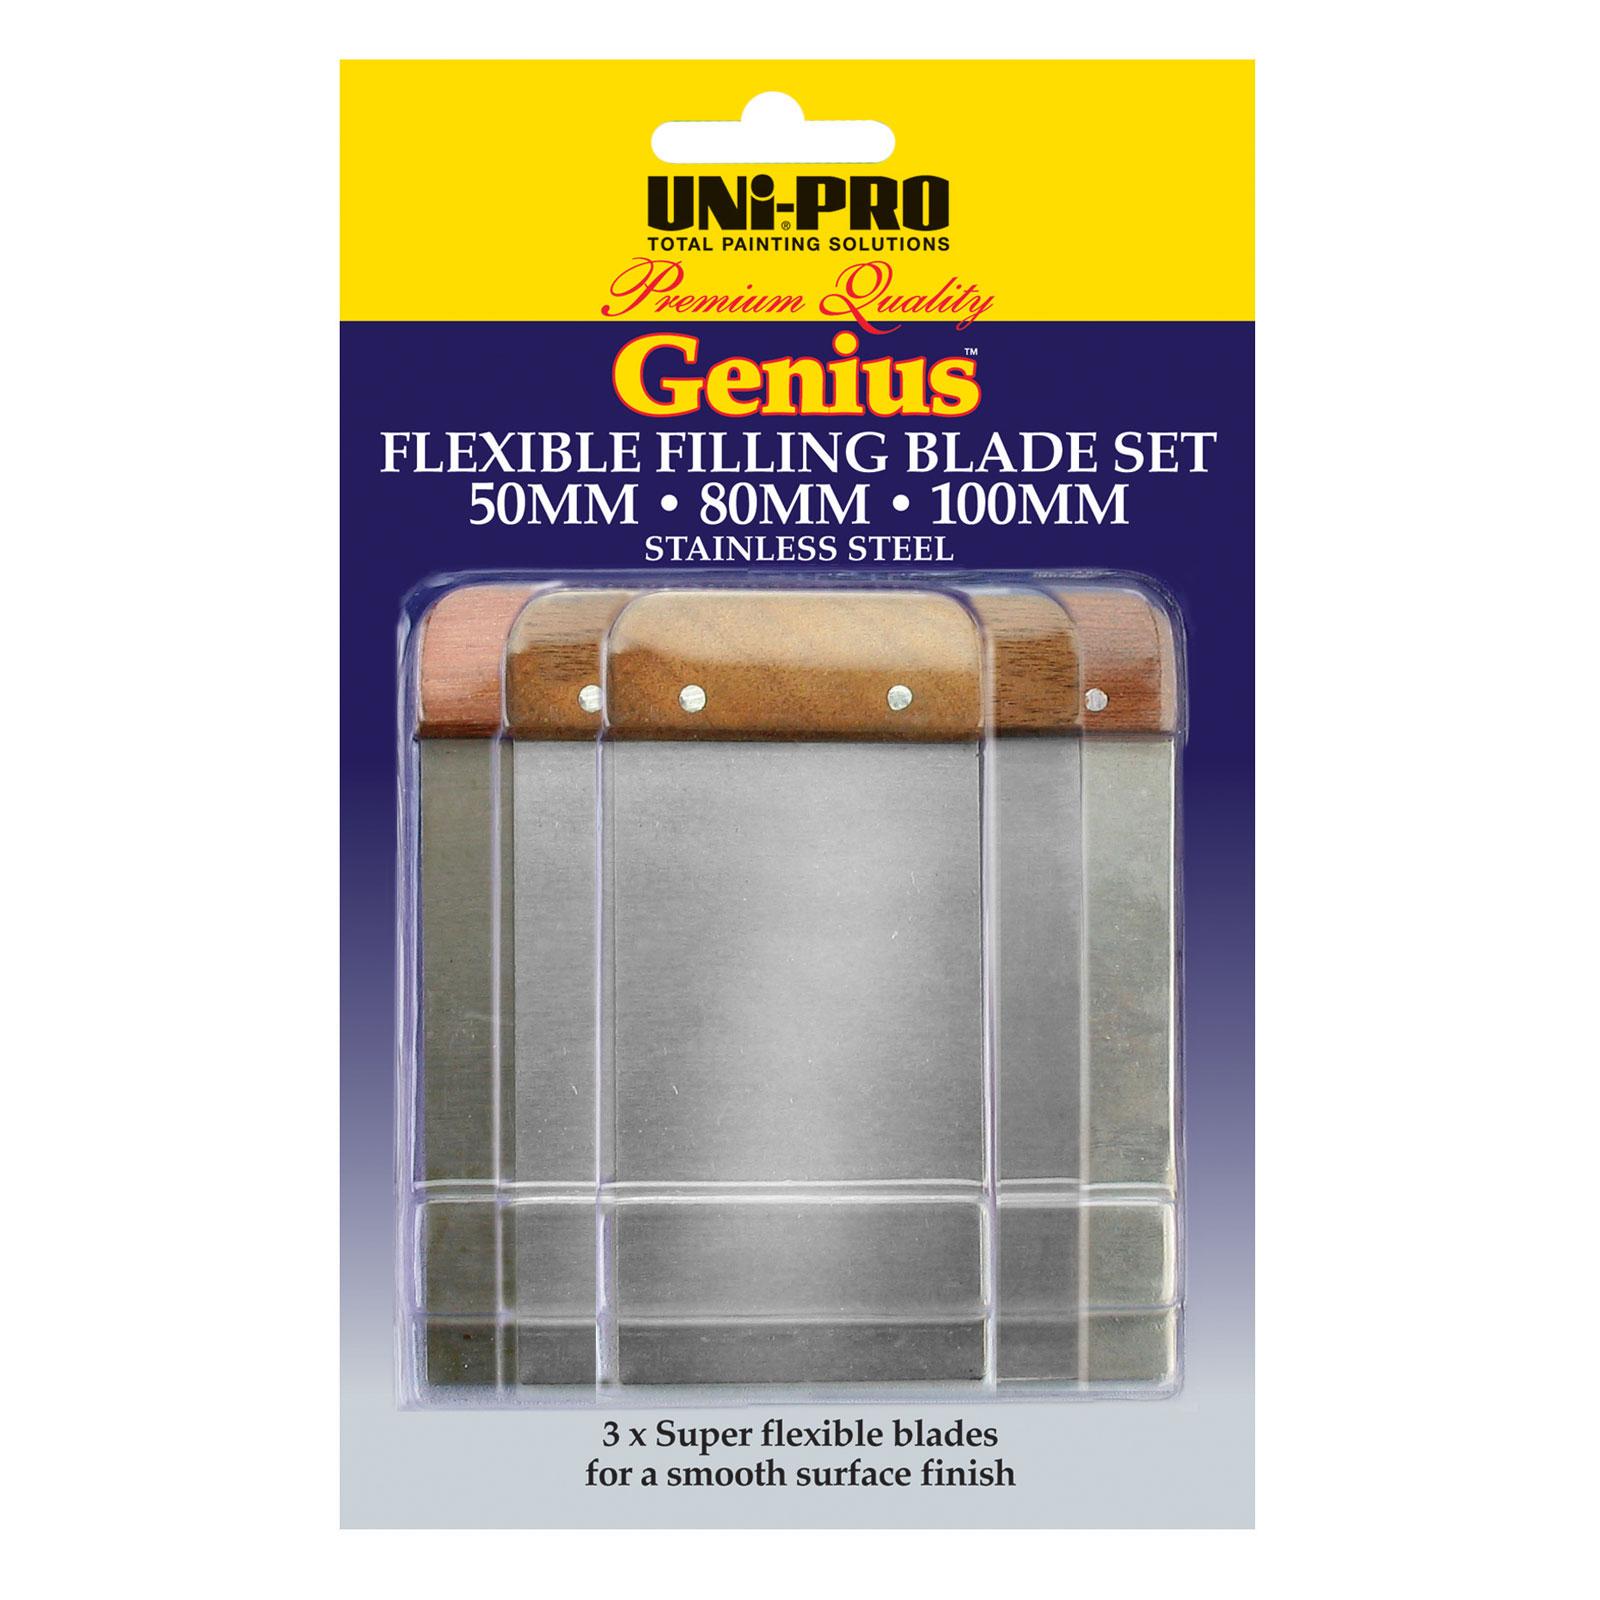 Genius Flexible Filling Blades Set - 3 Pcs